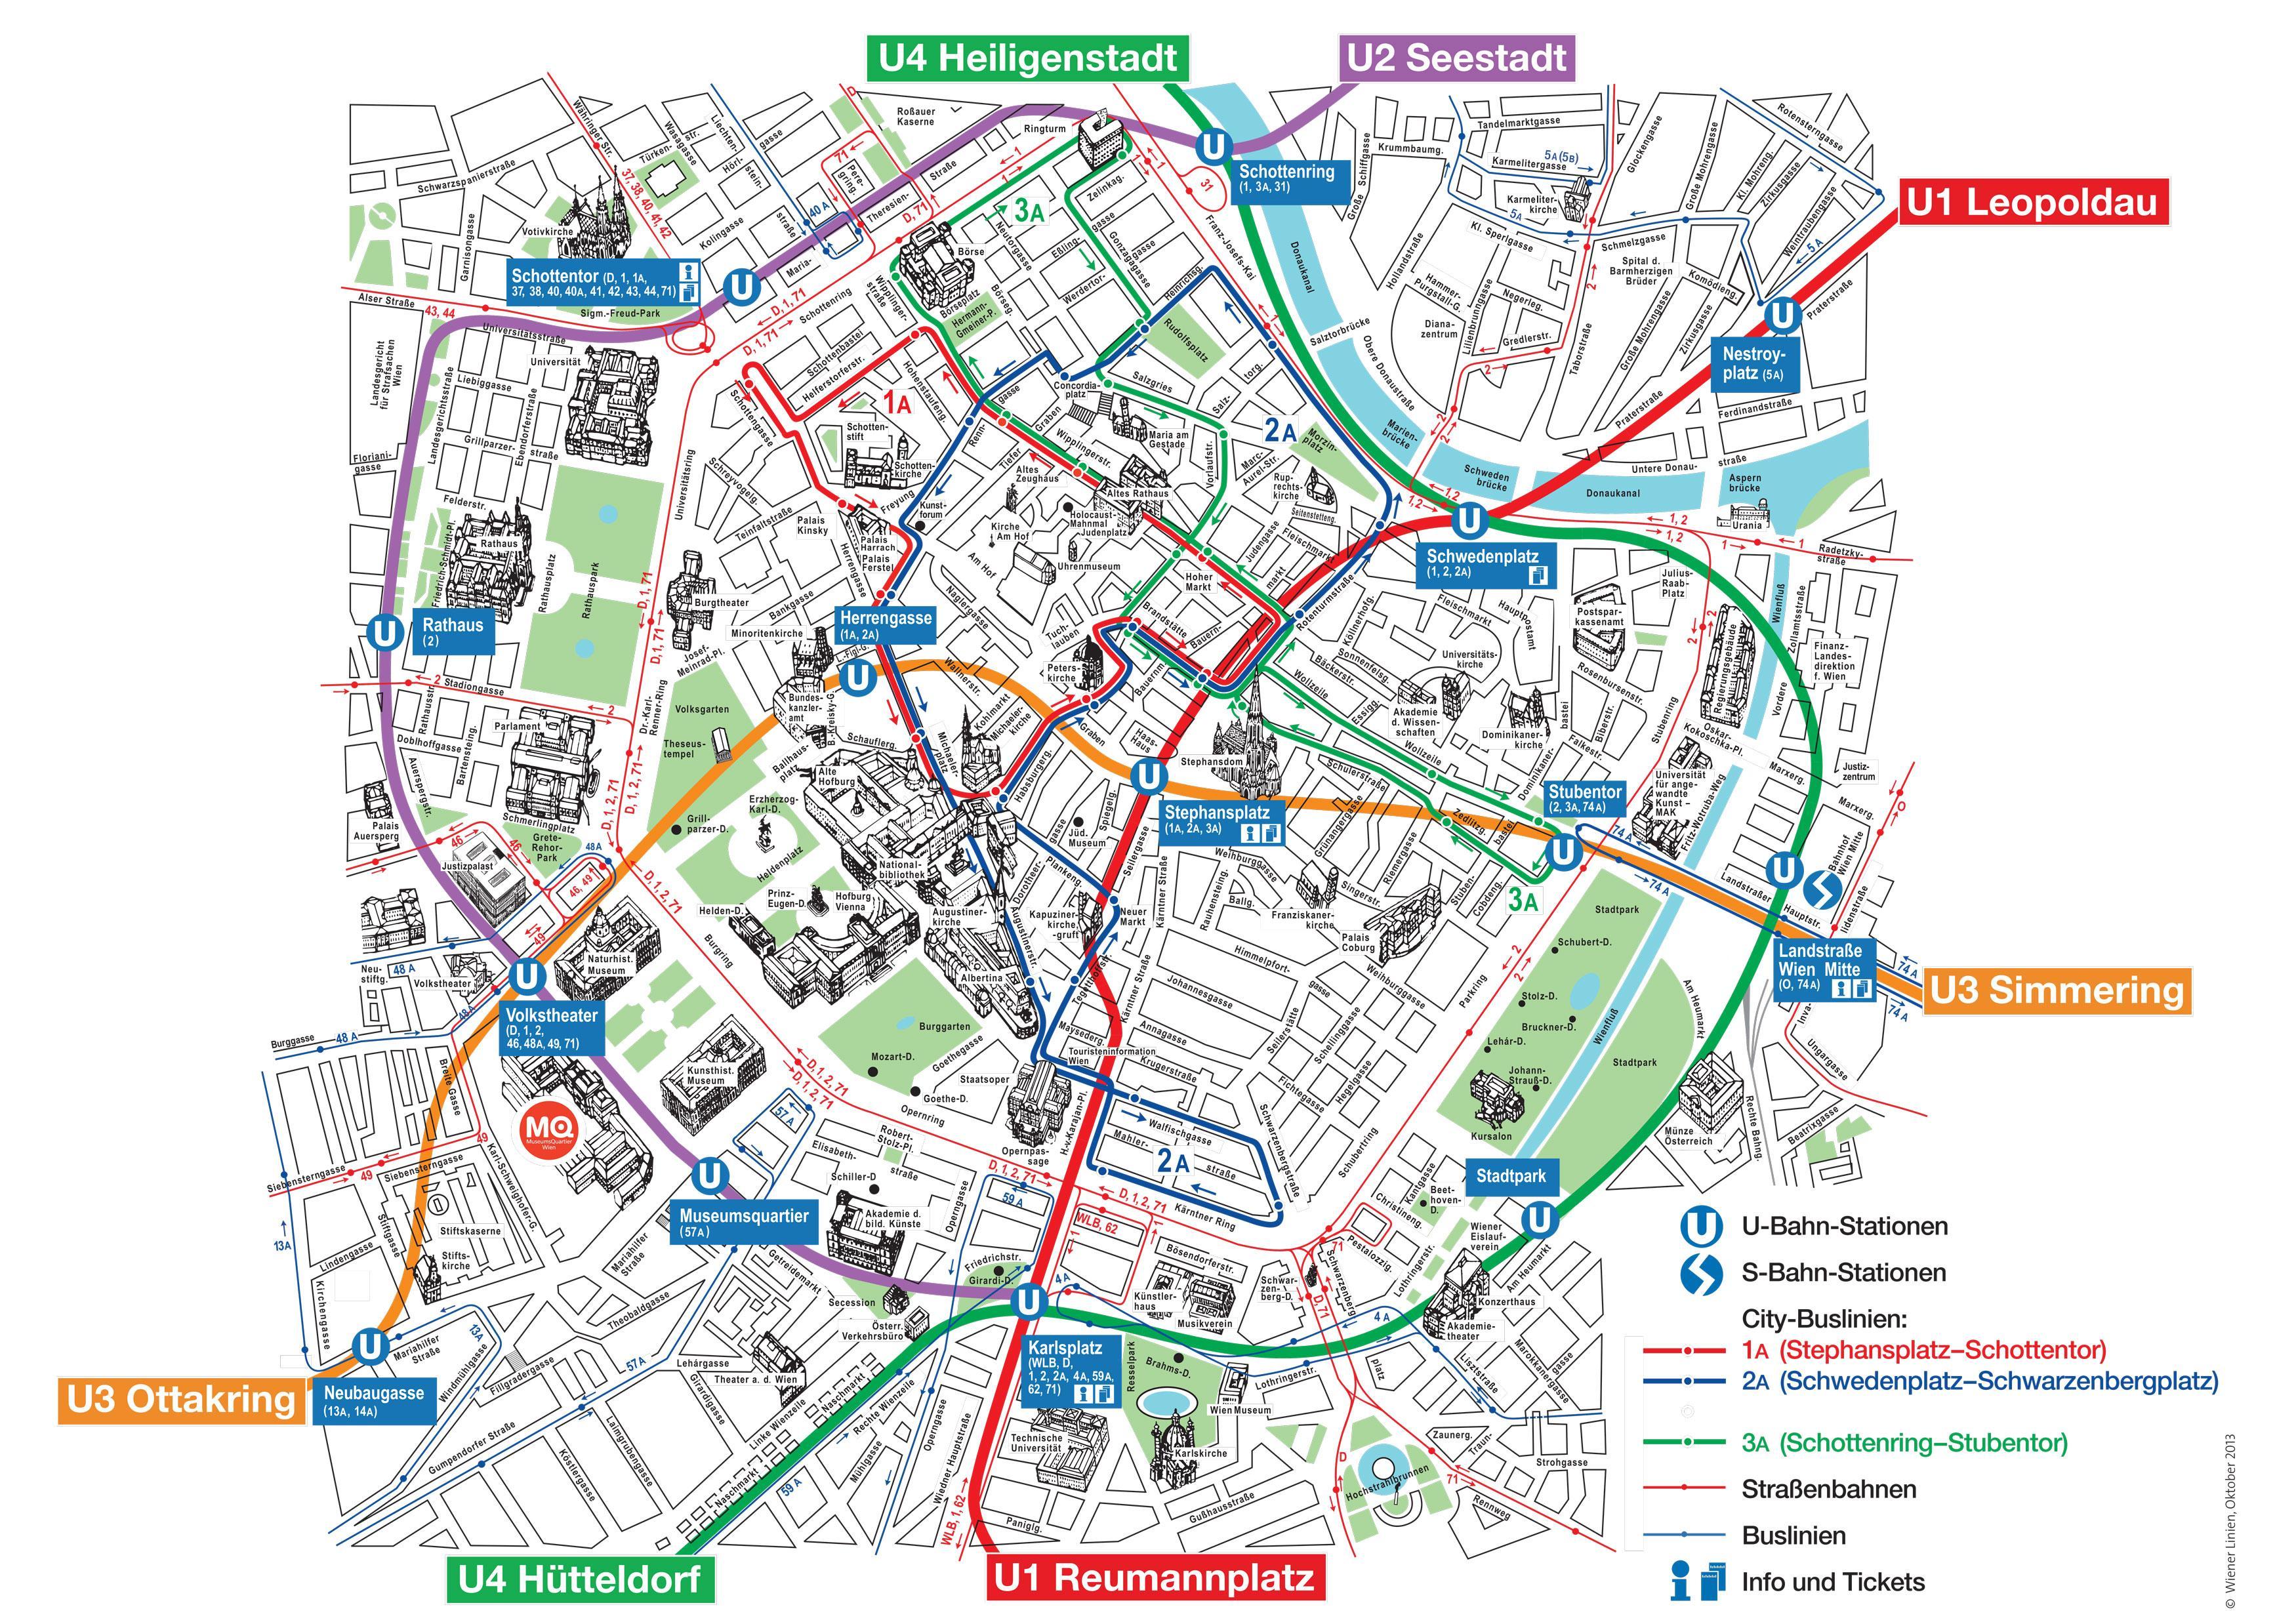 Kort Over Wien Ostrig Turistattraktioner Wien Turist Kort Ostrig